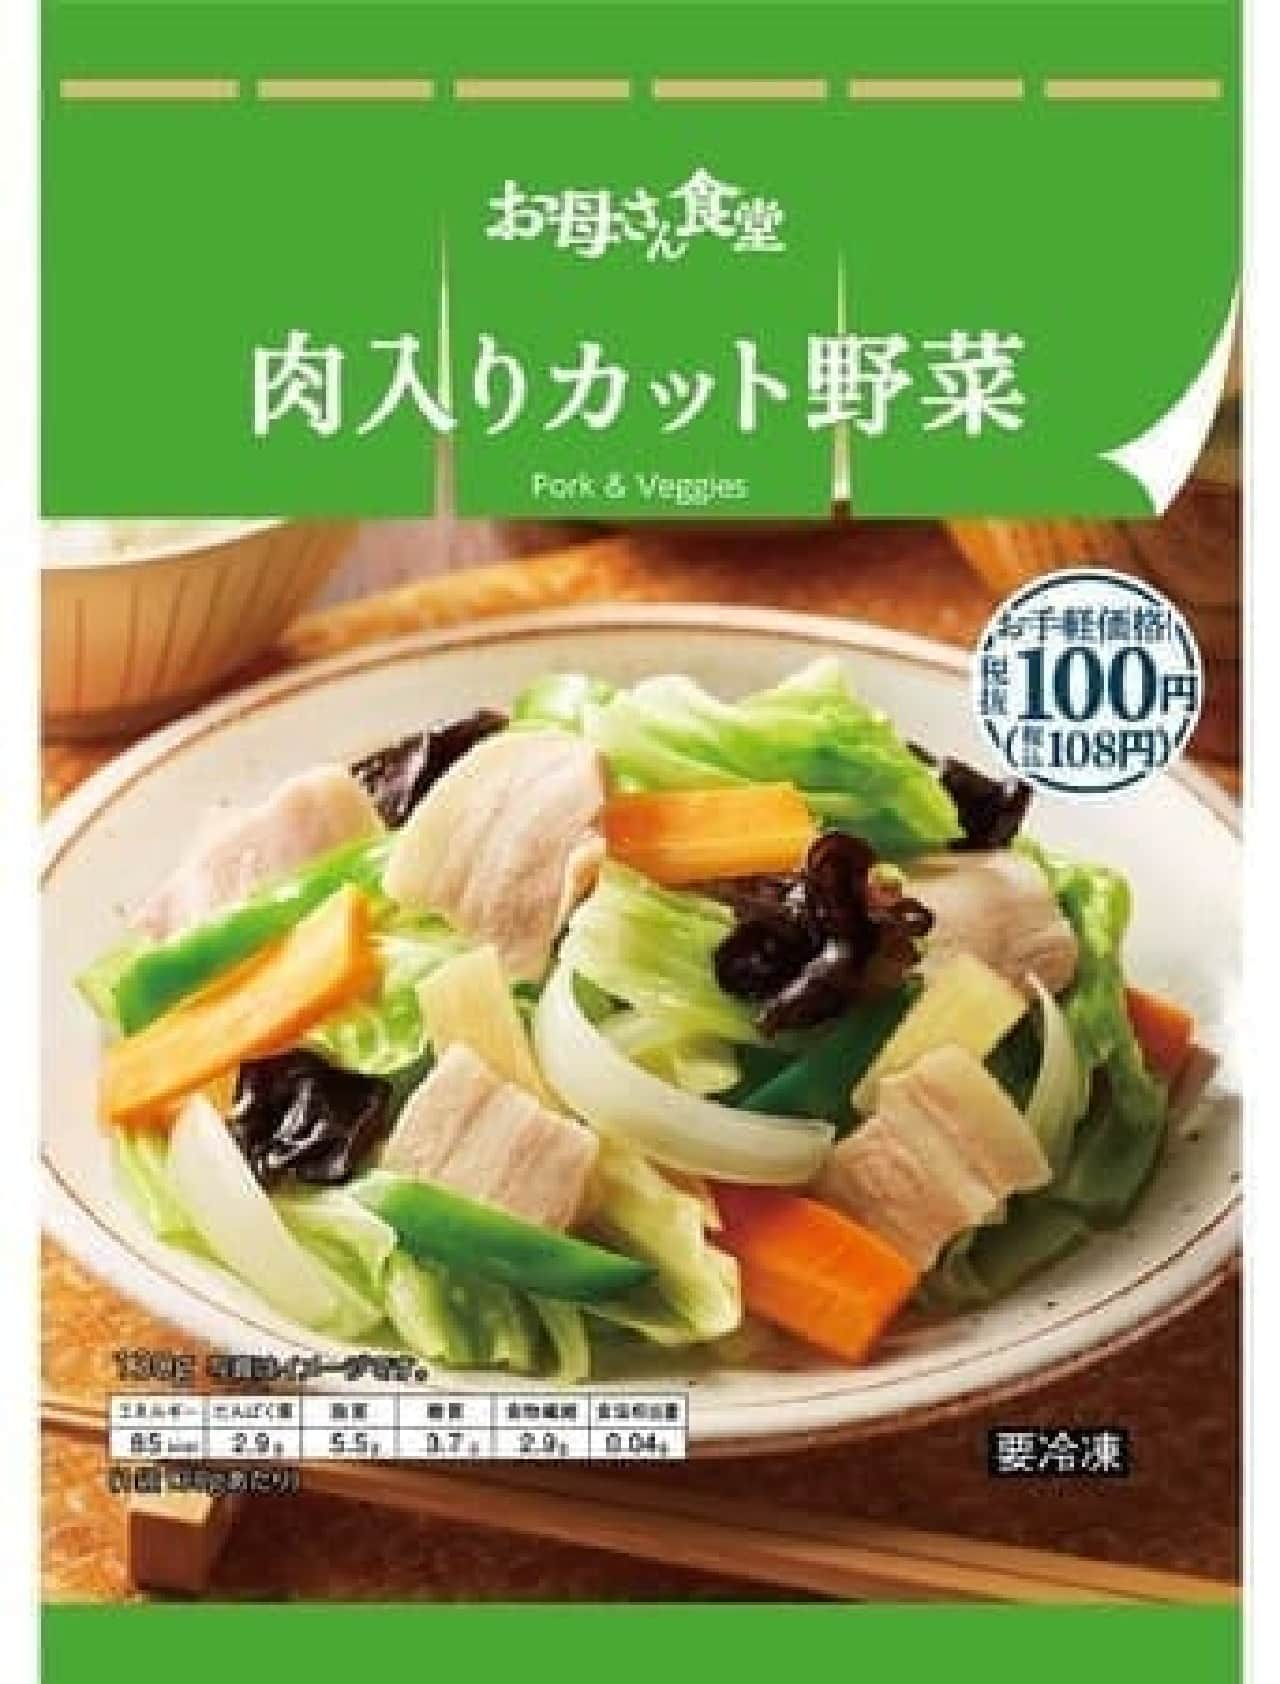 ファミリーマート「肉入りカット野菜」